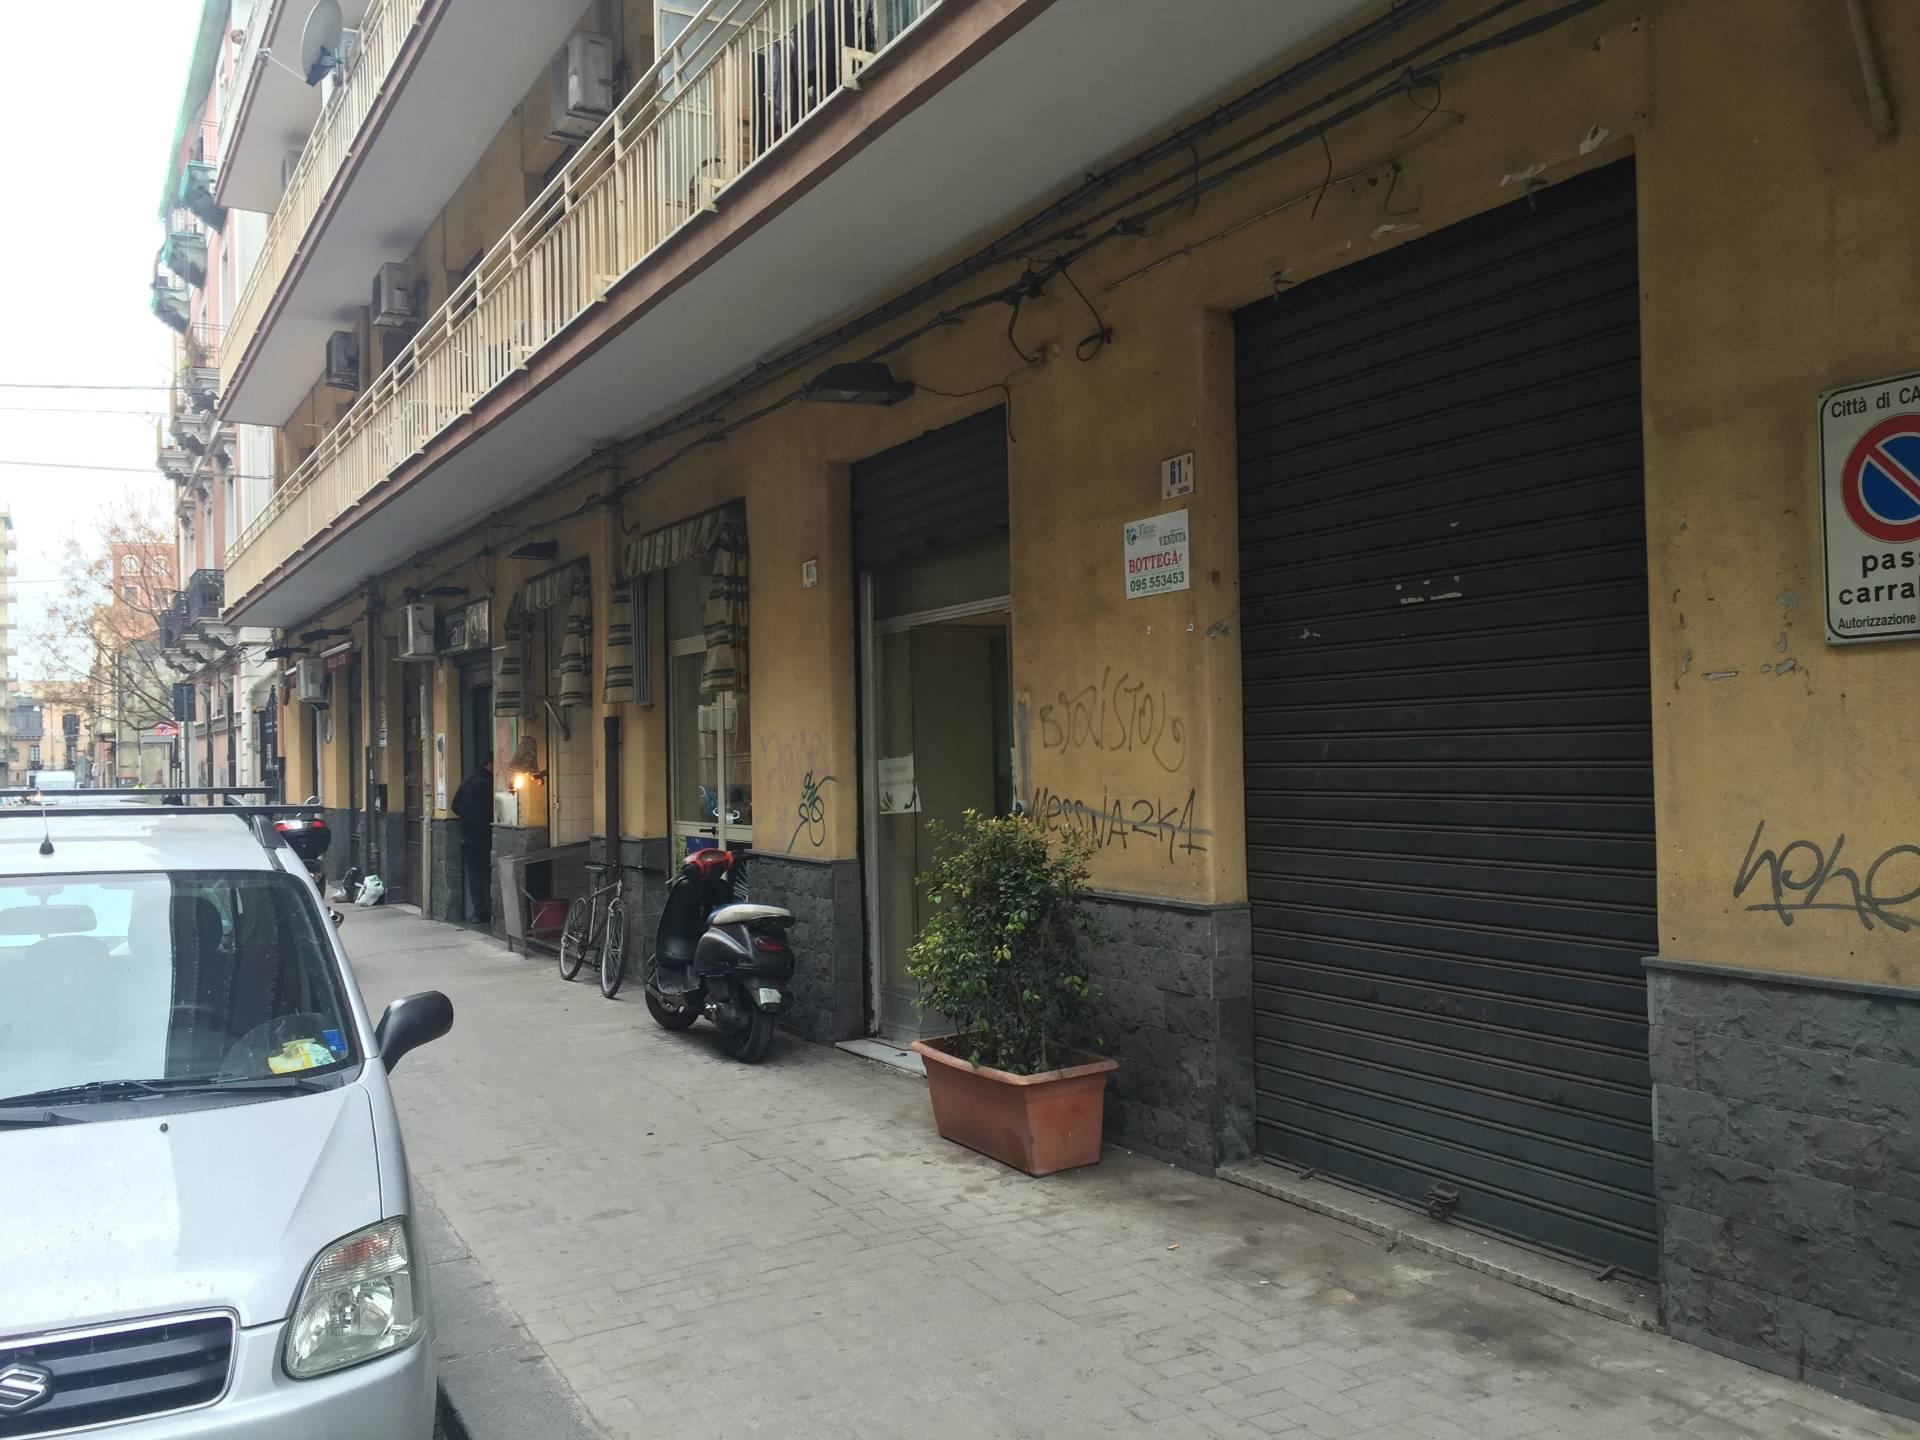 Negozio / Locale in vendita a Catania, 9999 locali, zona Località: Zonacentro, prezzo € 45.000 | Cambio Casa.it